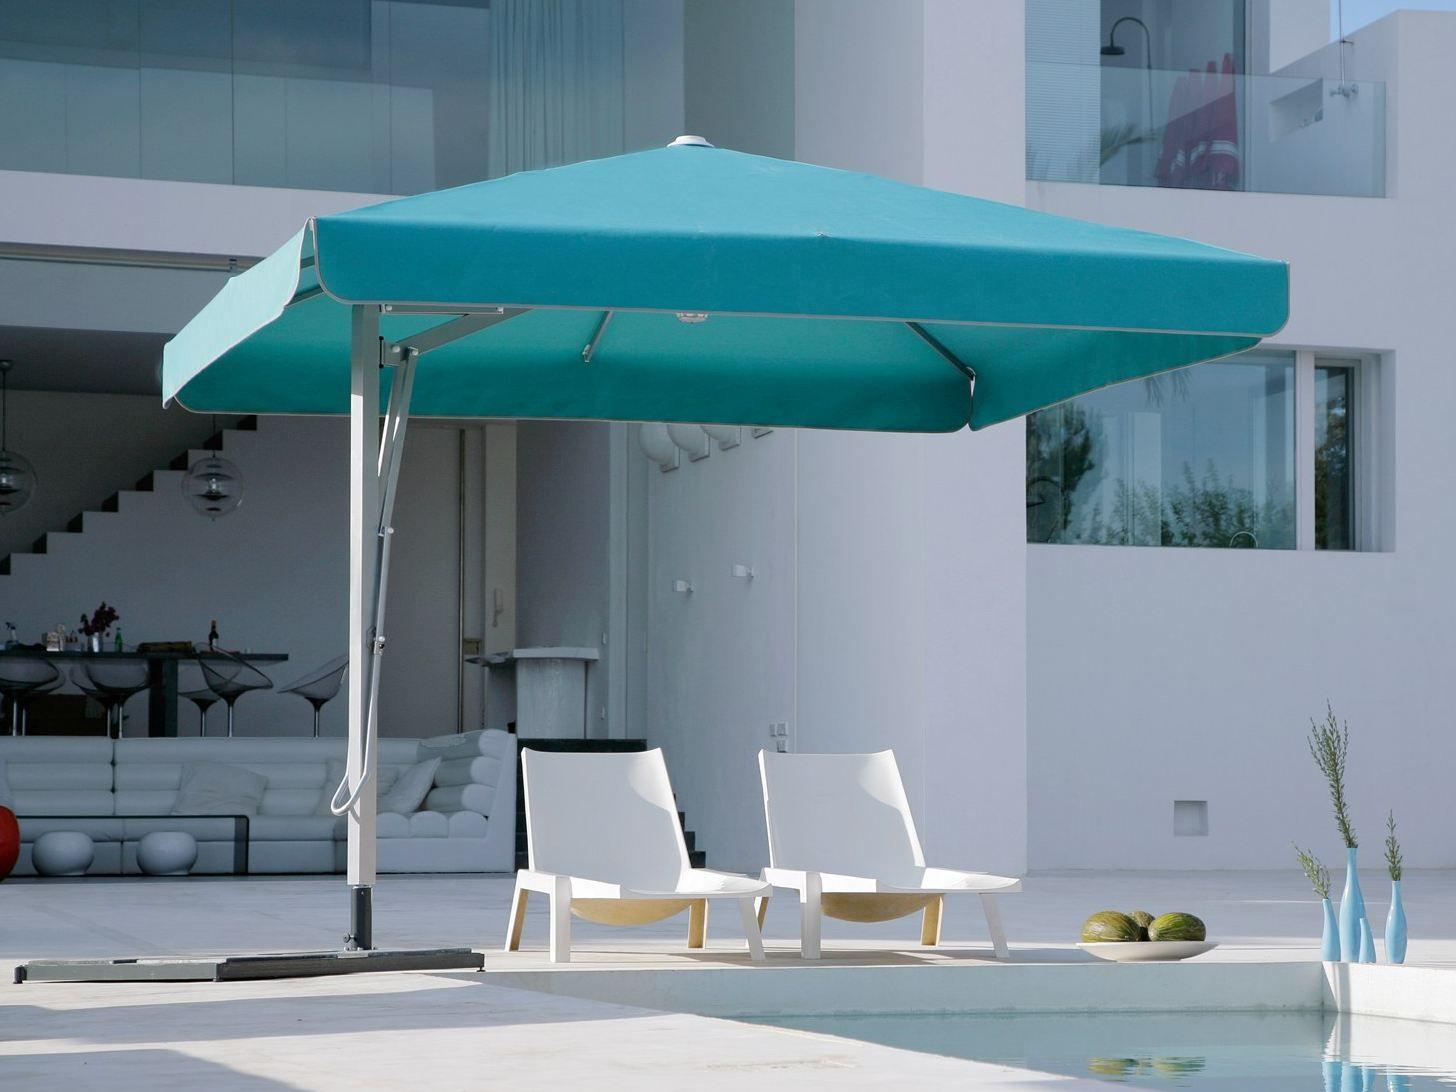 BELVEDERE Ombrellone quadrato Michael Caravita 120634 rel61e09056 belvedere round garden umbrella by caravita  at gsmx.co